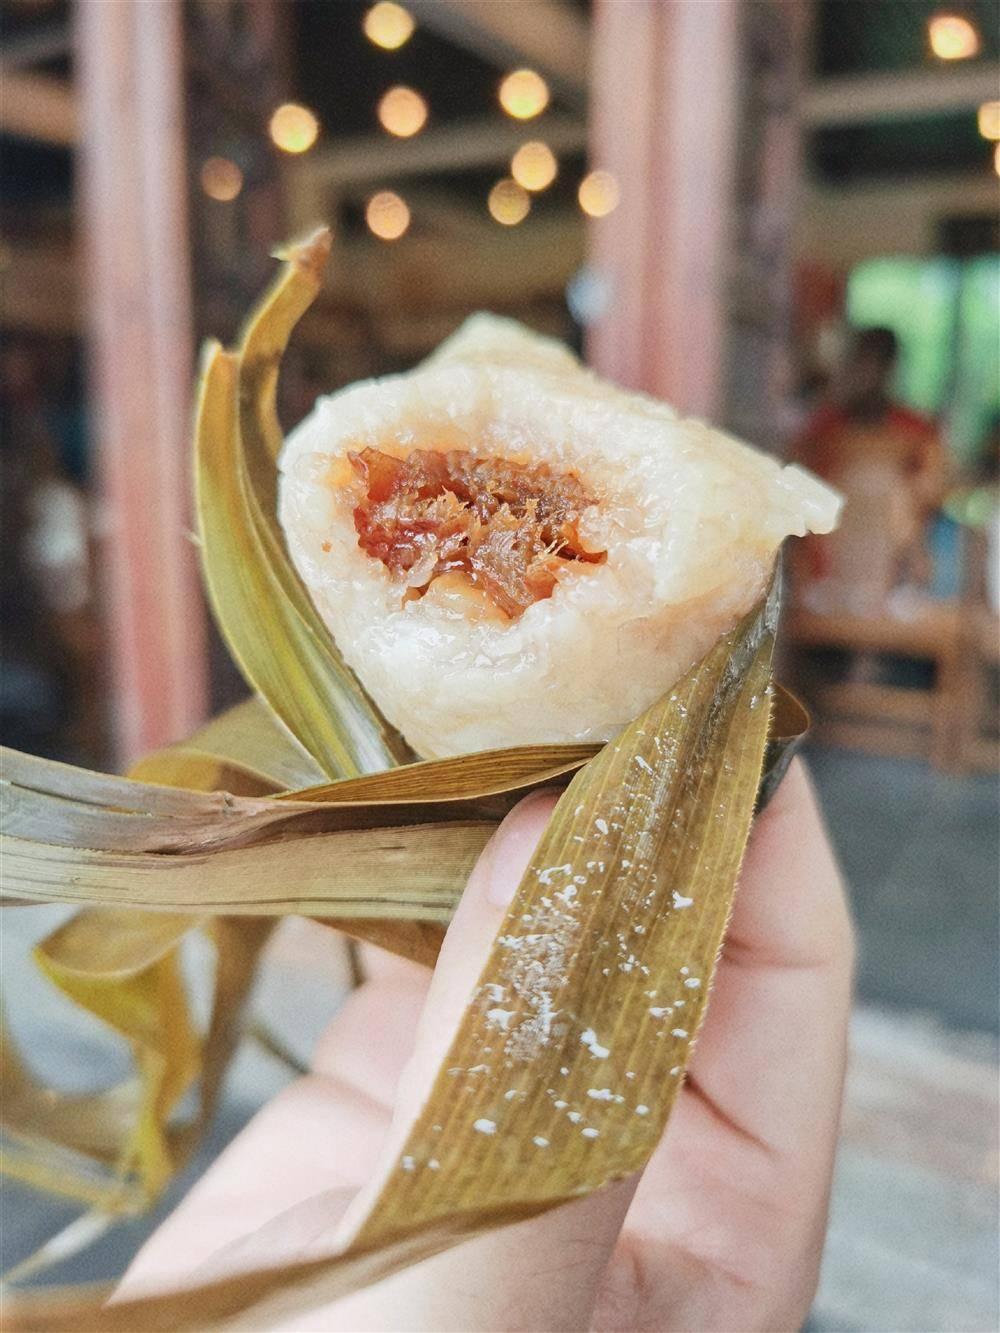 在《色戒》里的古镇过端午,听一曲《龙船》,吃一口马兰头肉粽